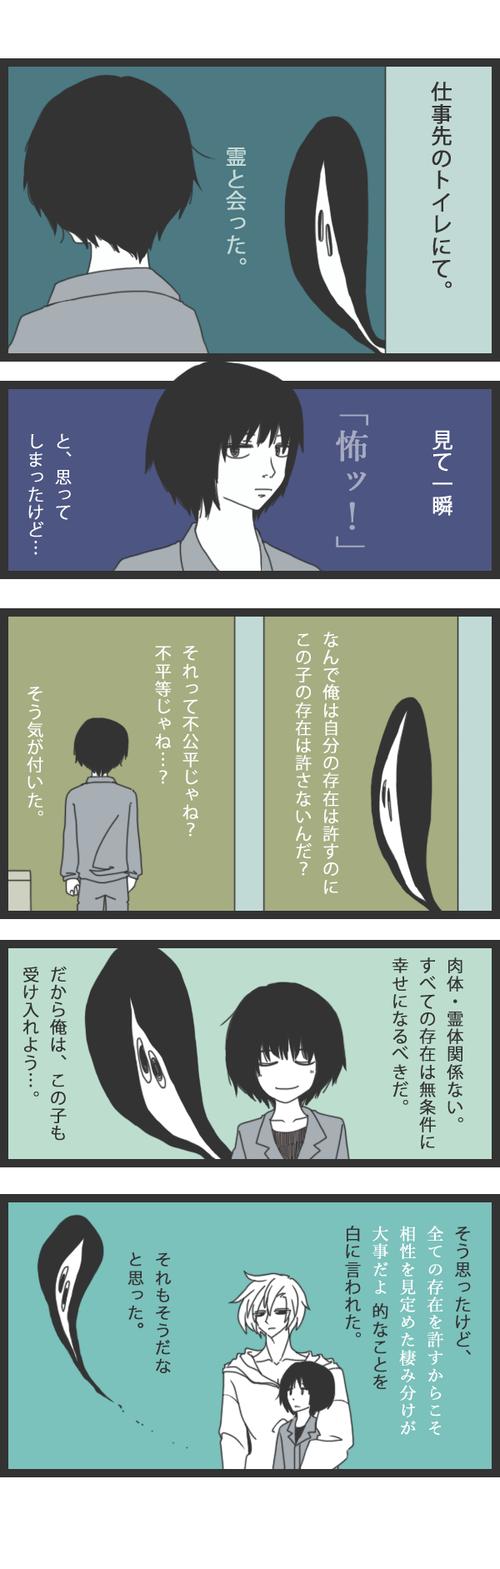 minna_daiji_200523